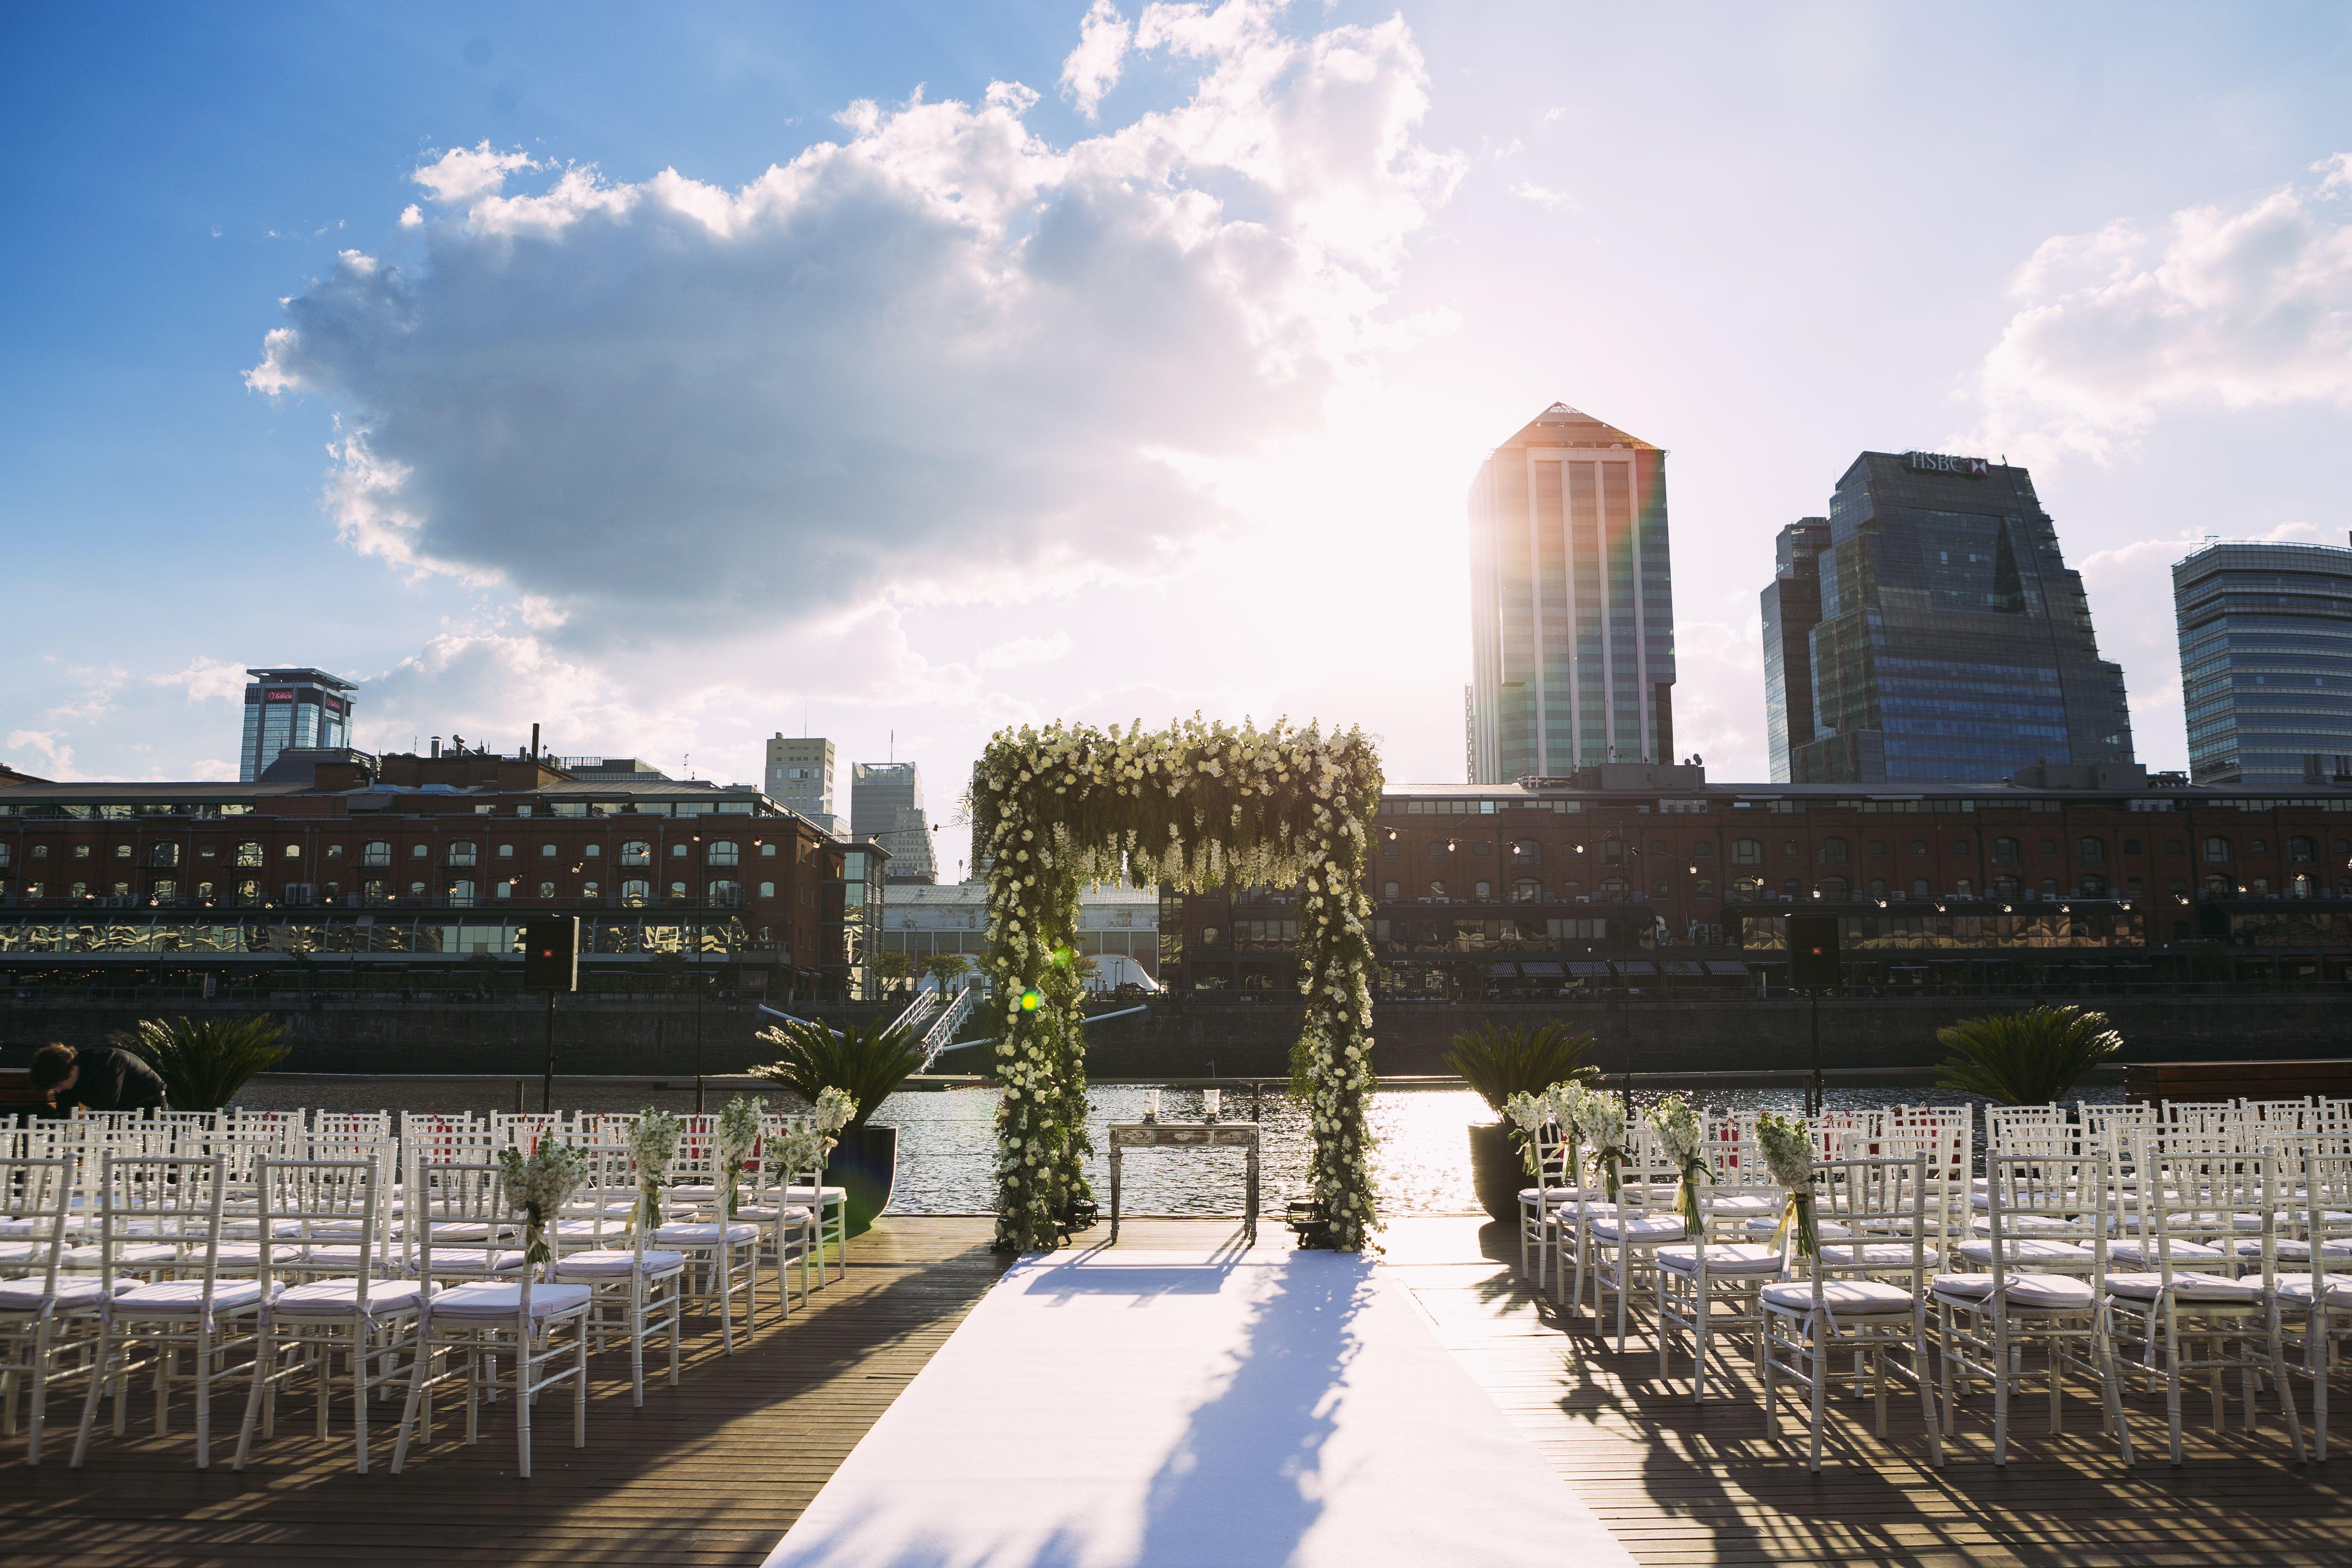 Ceremonia De Casamiento En Terraza Deck Terraza Deck En